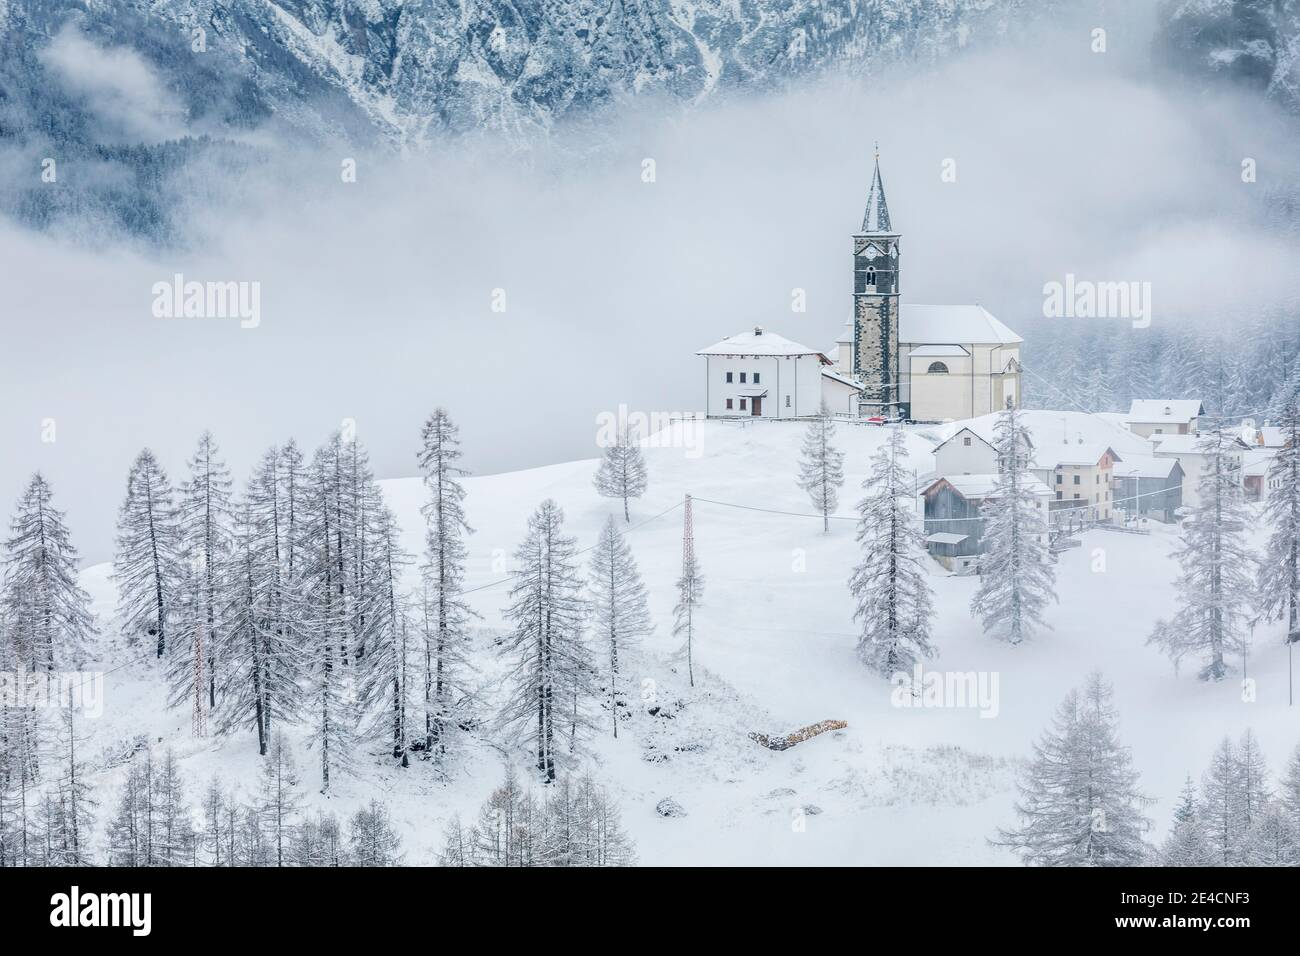 Italie, Vénétie, province de Belluno, Rocca Pietore, Agordino, le village de Laste en hiver avec l'église de San Gottardo sur la colline, Dolomites Banque D'Images